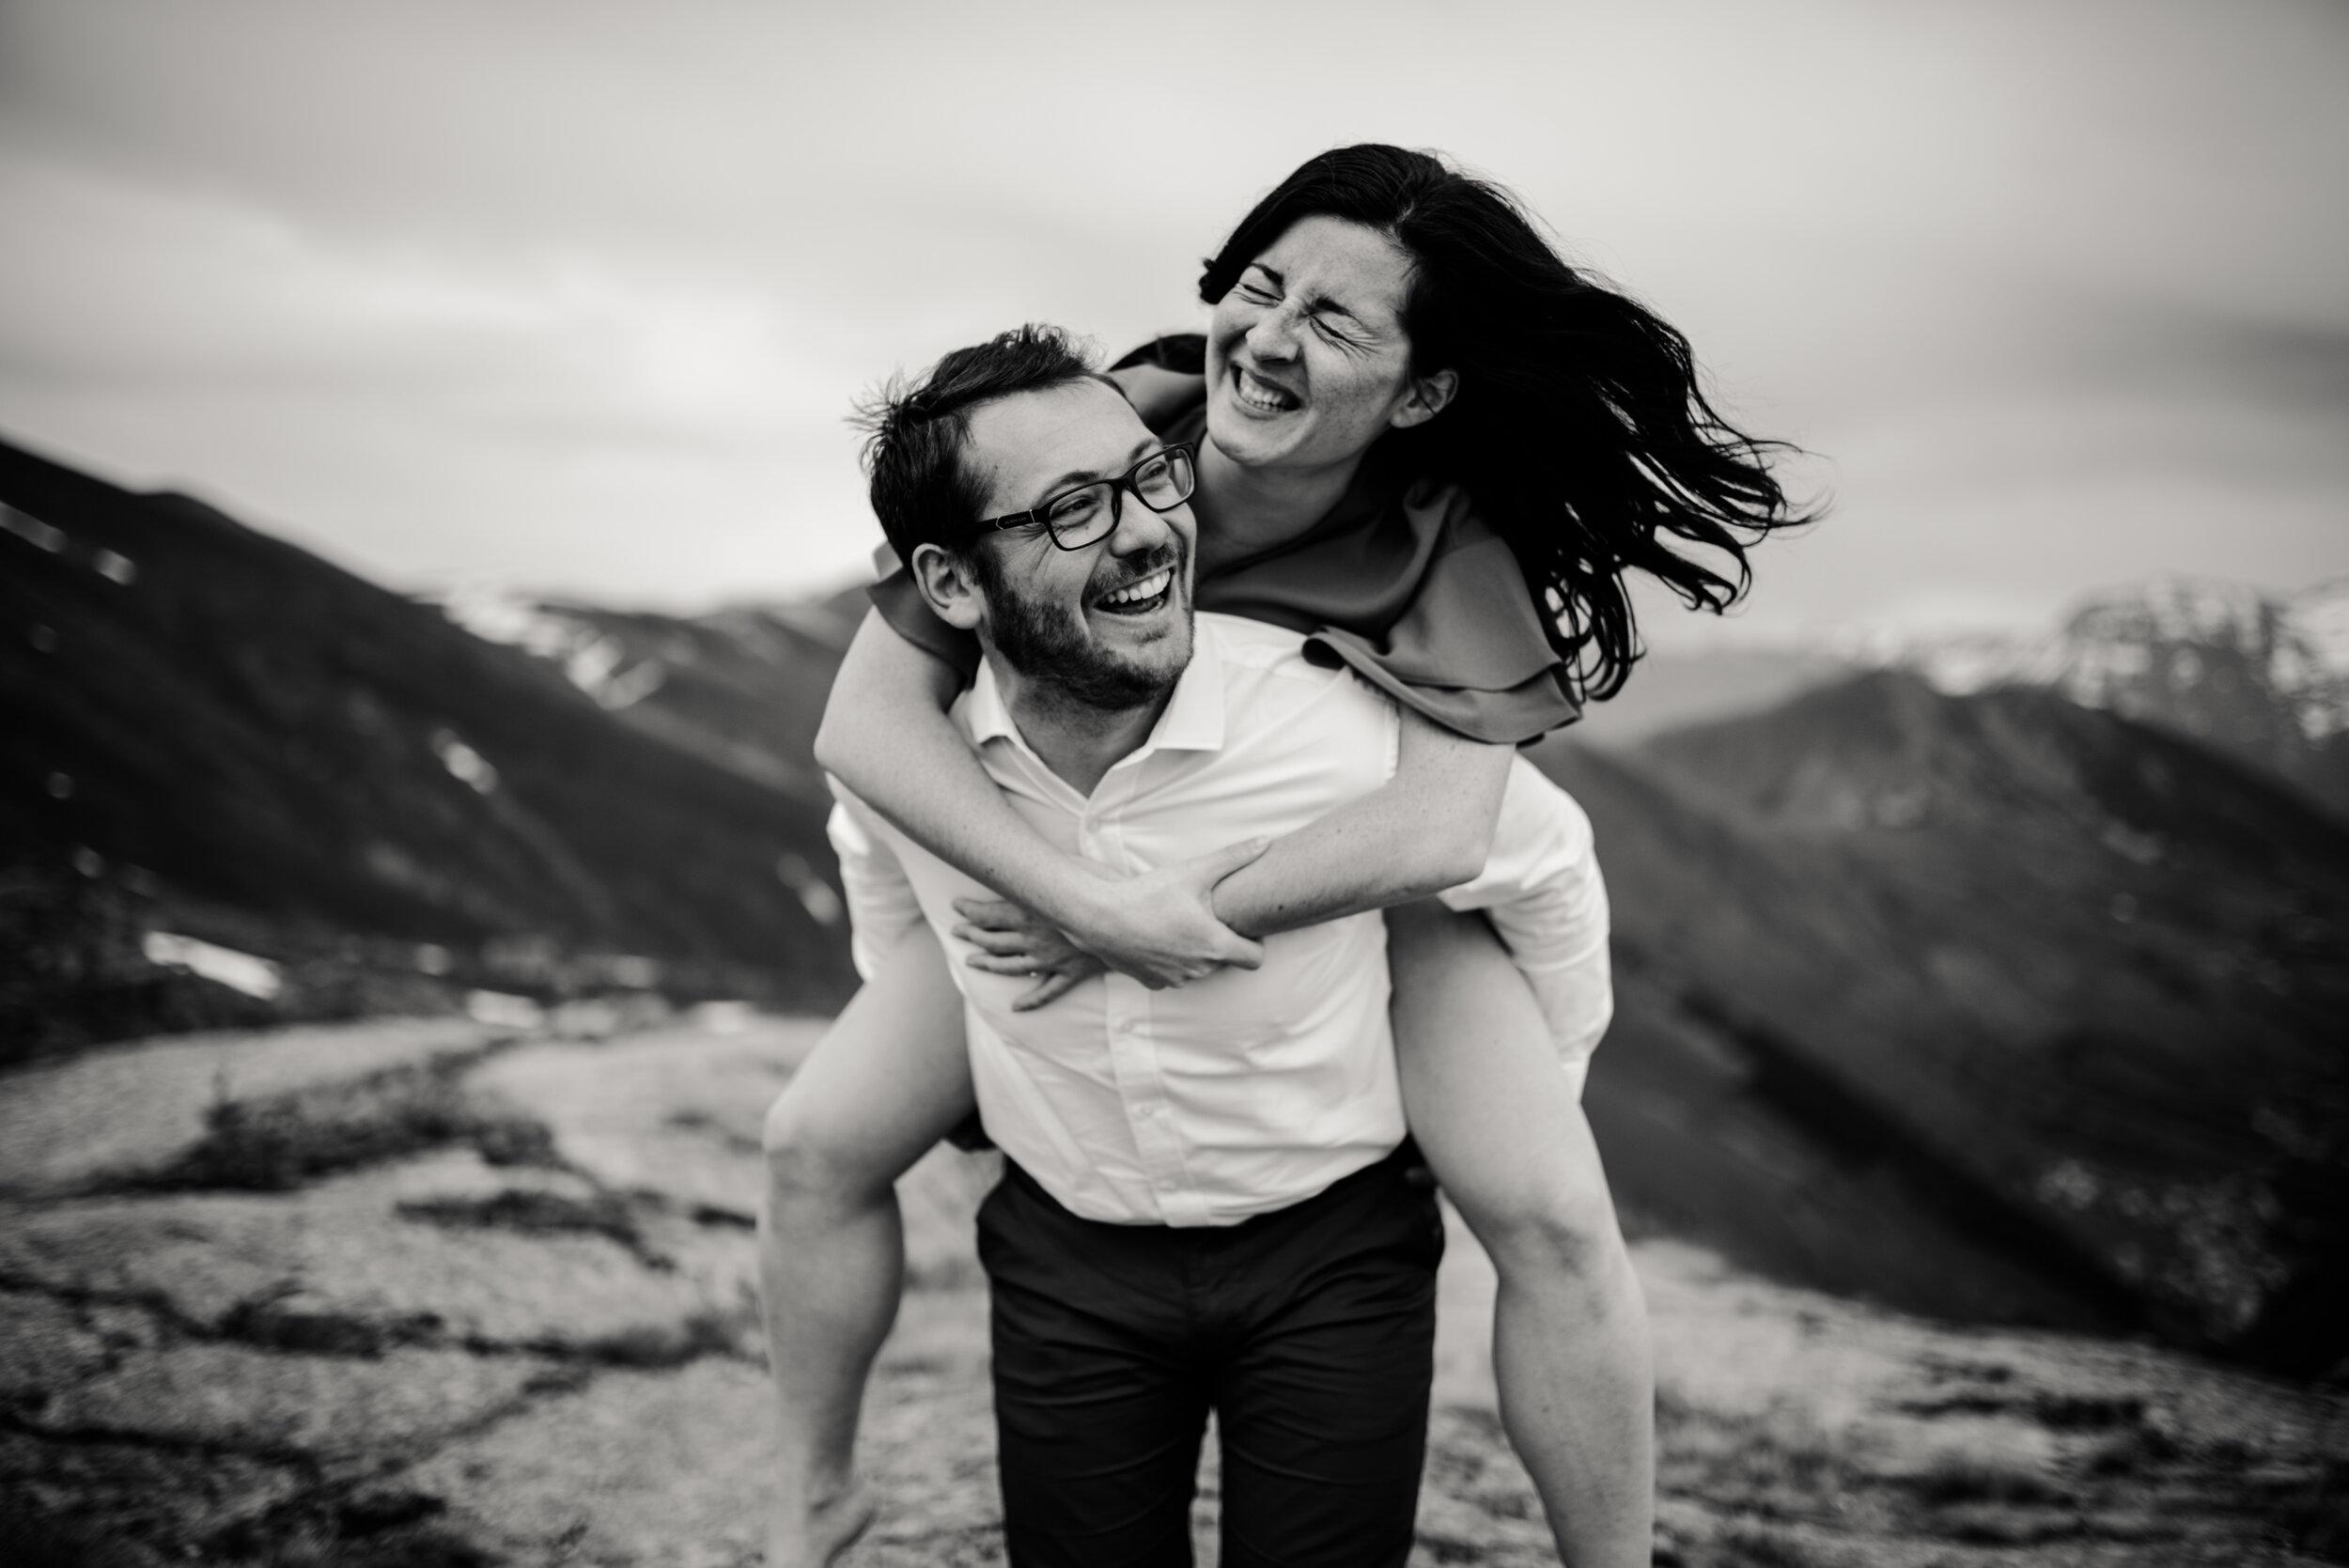 Léa-Fery-photographe-professionnel-lyon-rhone-alpes-portrait-creation-mariage-evenement-evenementiel-famille-0824.jpg